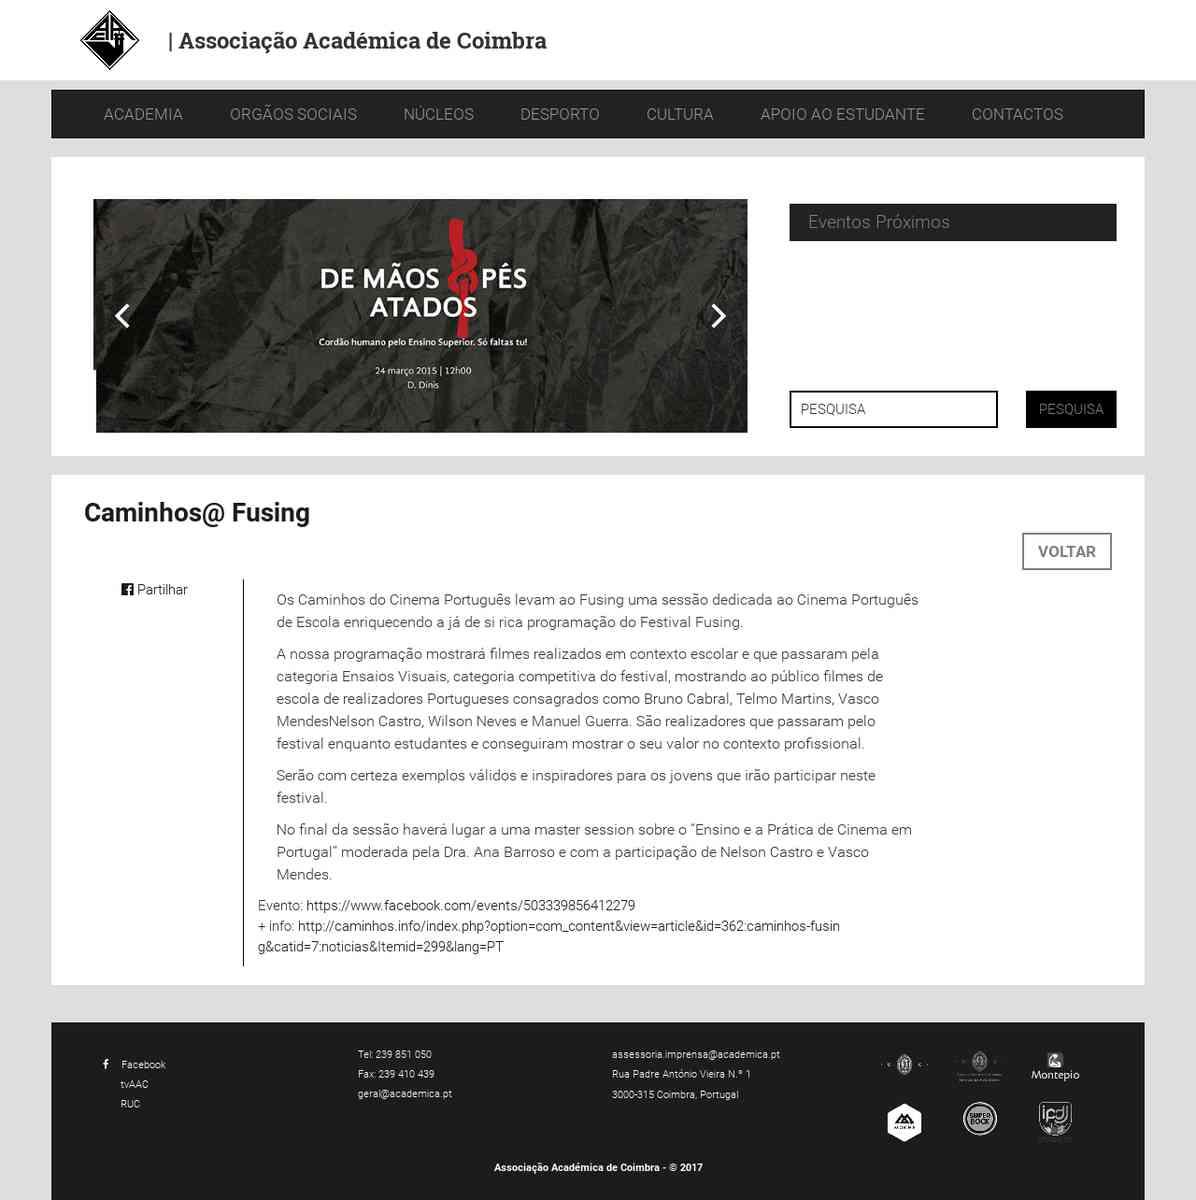 Caminhos@ Fusing | Associação Académica de Coimbra